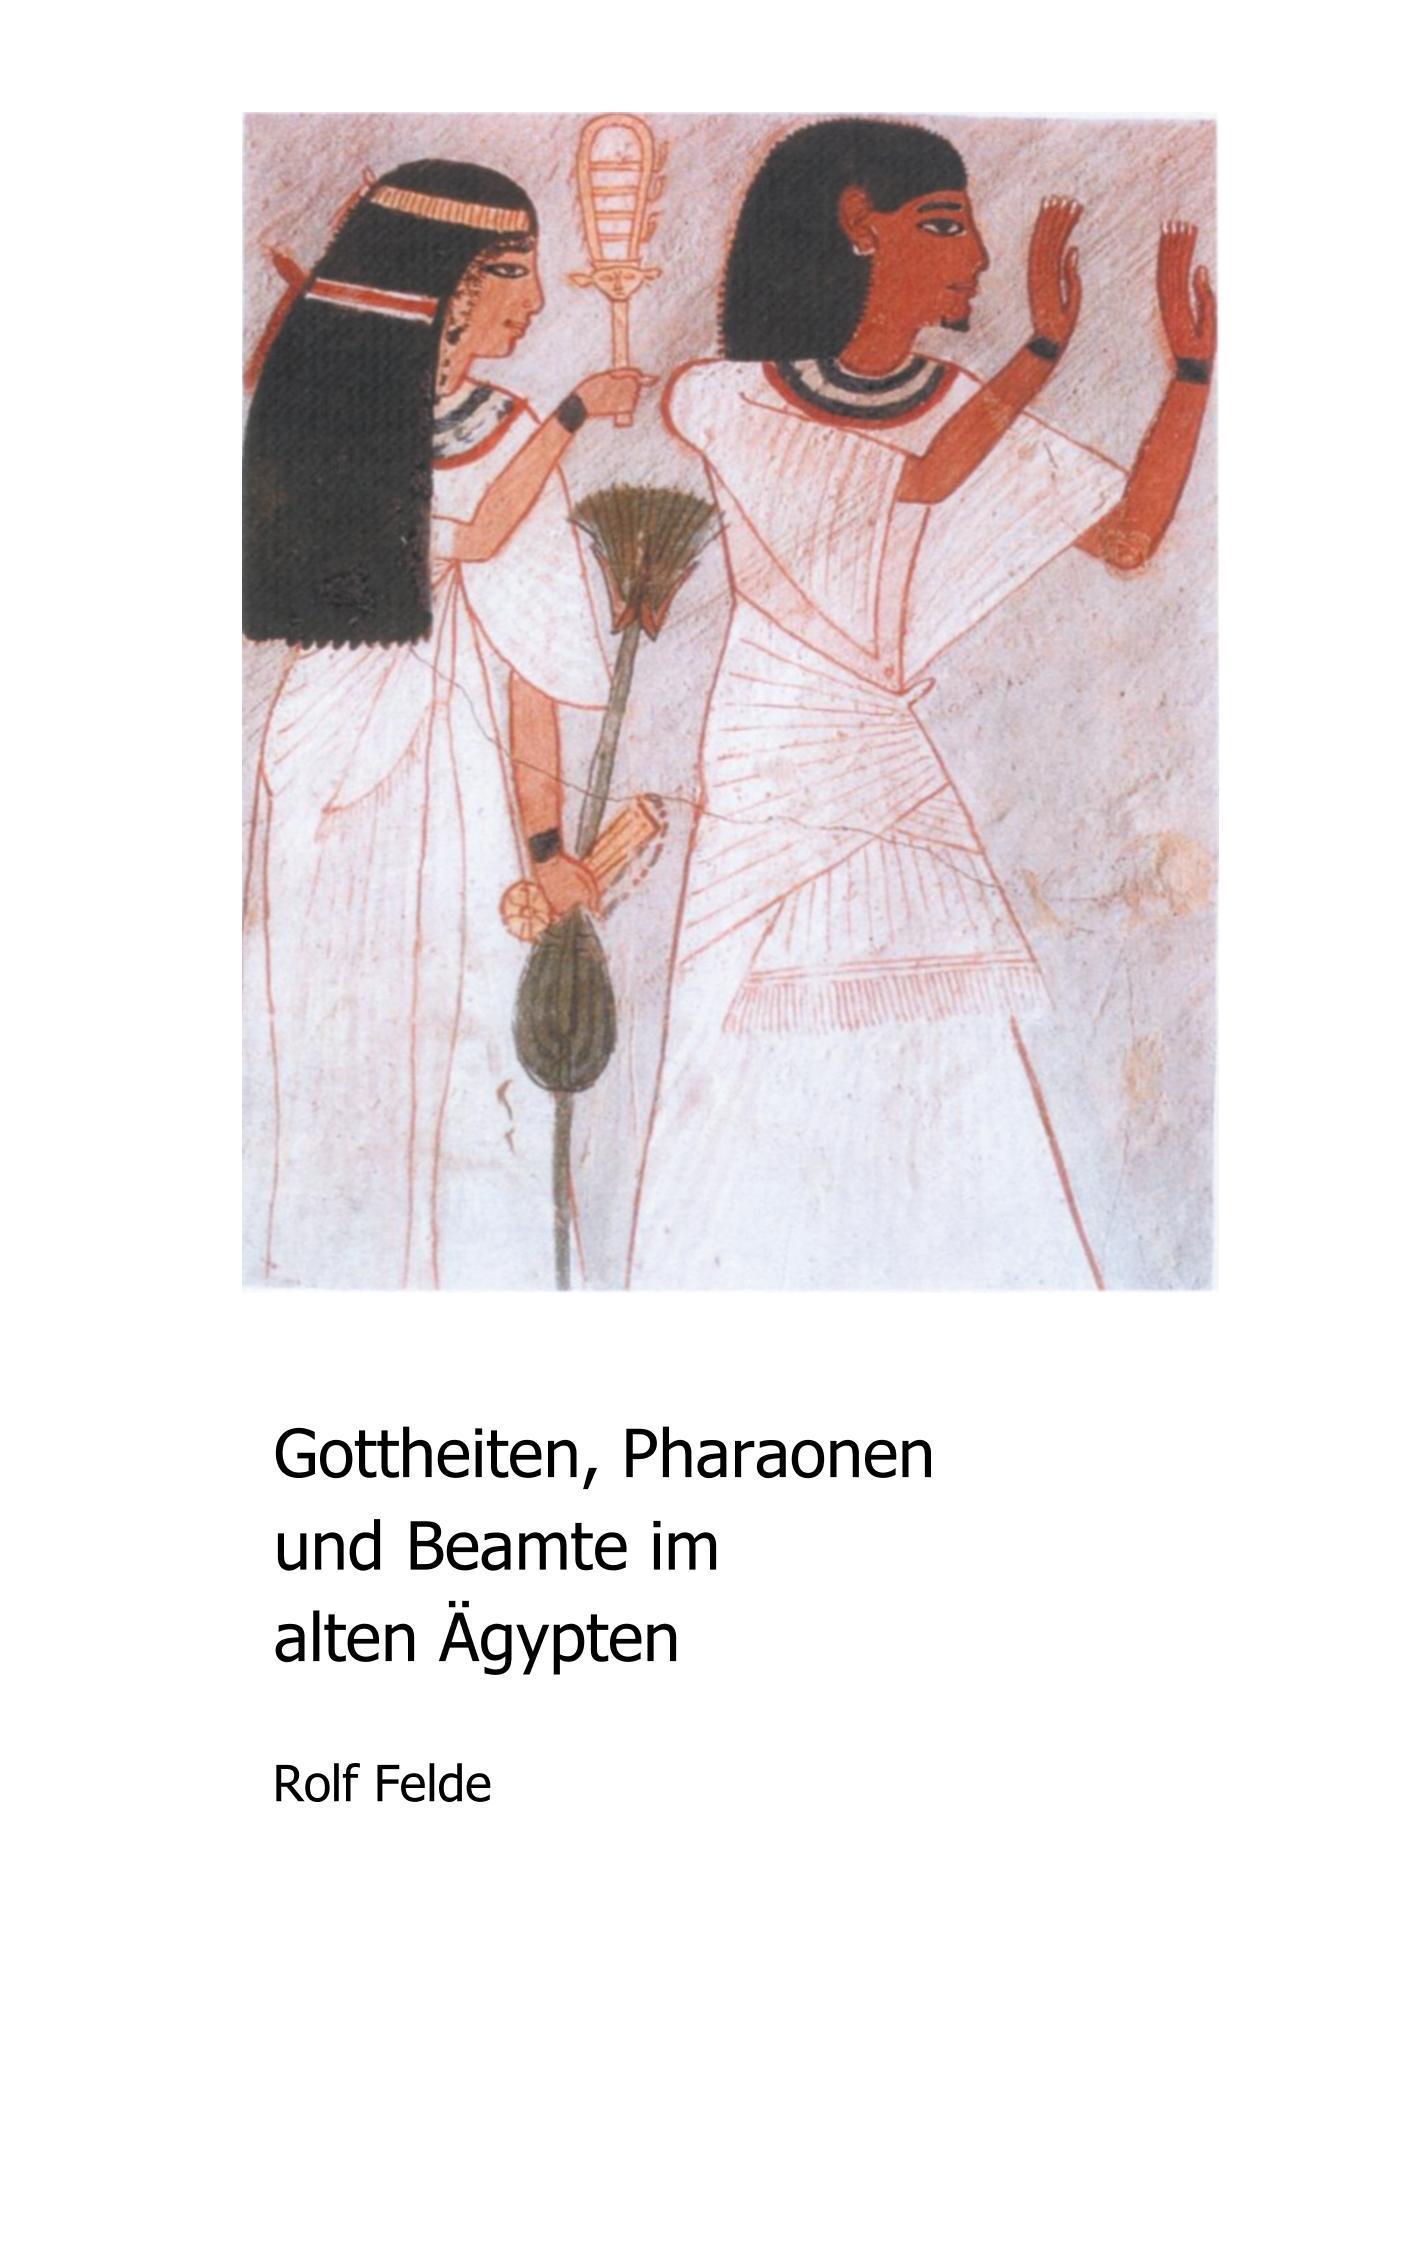 Gottheiten, Pharaonen und Beamte im alten Aegypten - Felde, Rolf